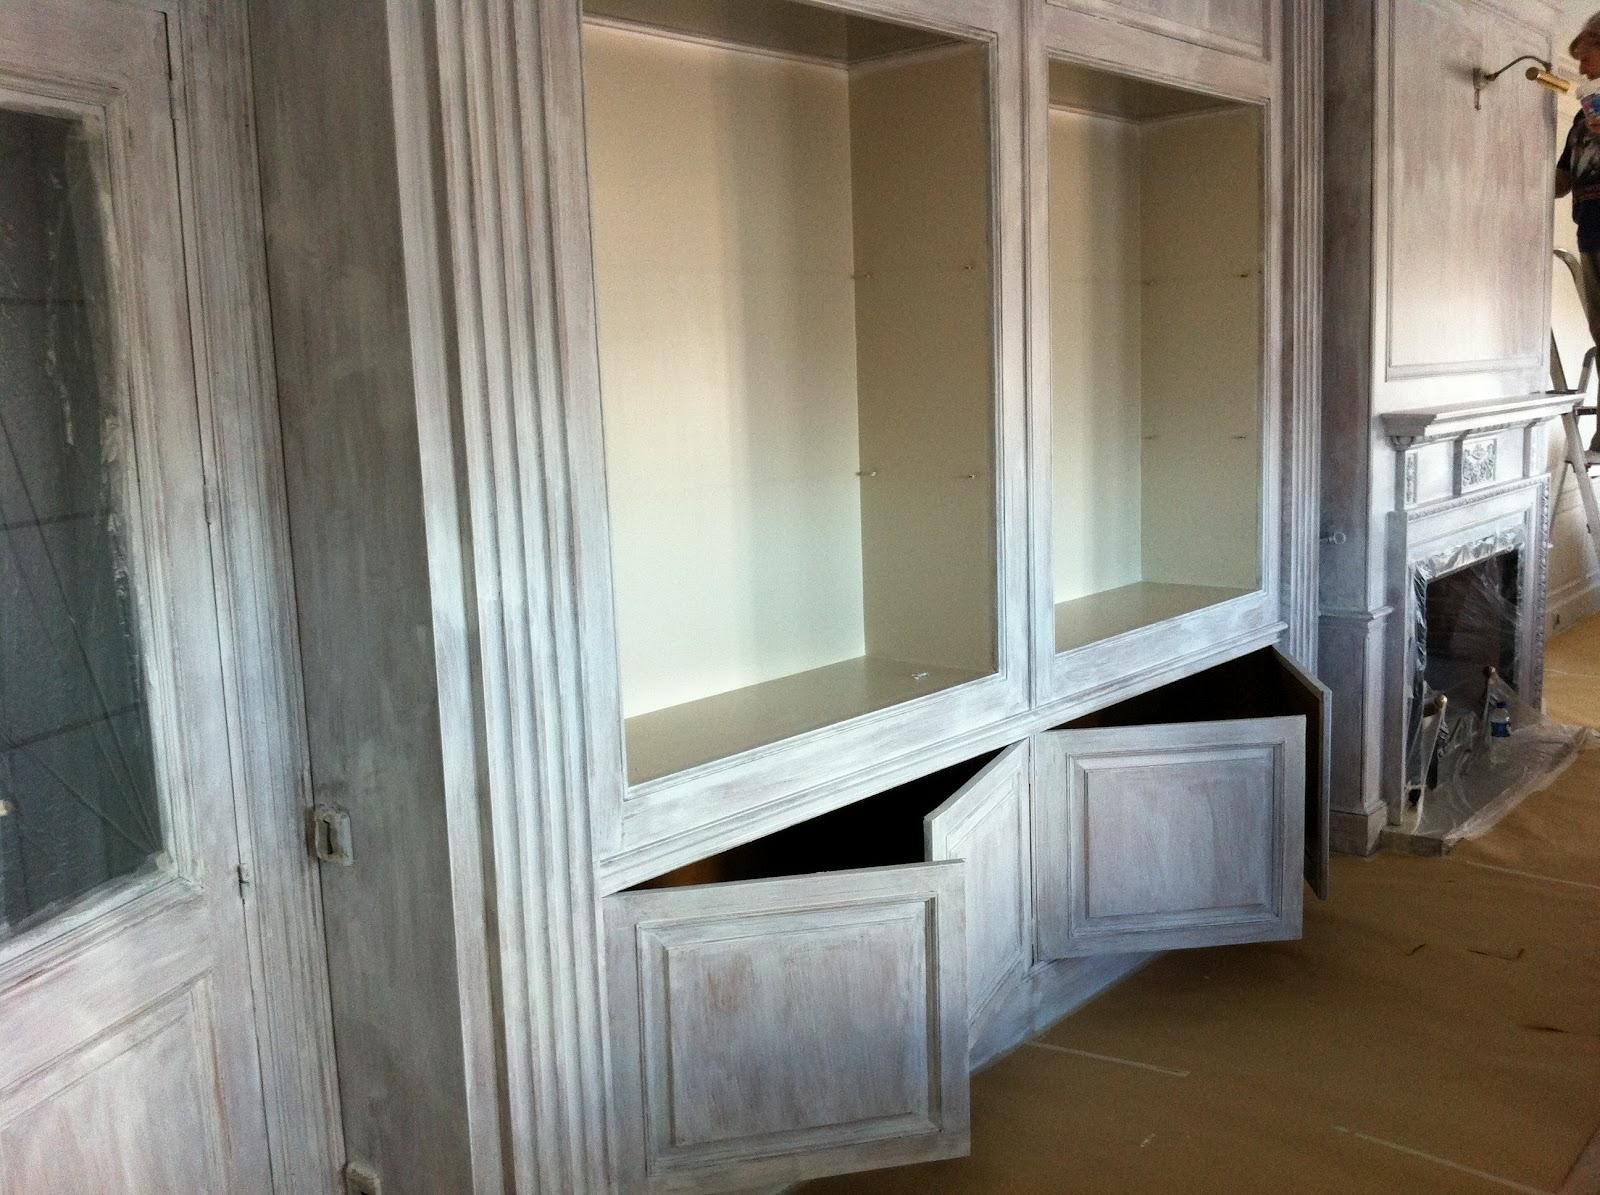 Siete vidas tiene un mueble - Pintura para muebles ...